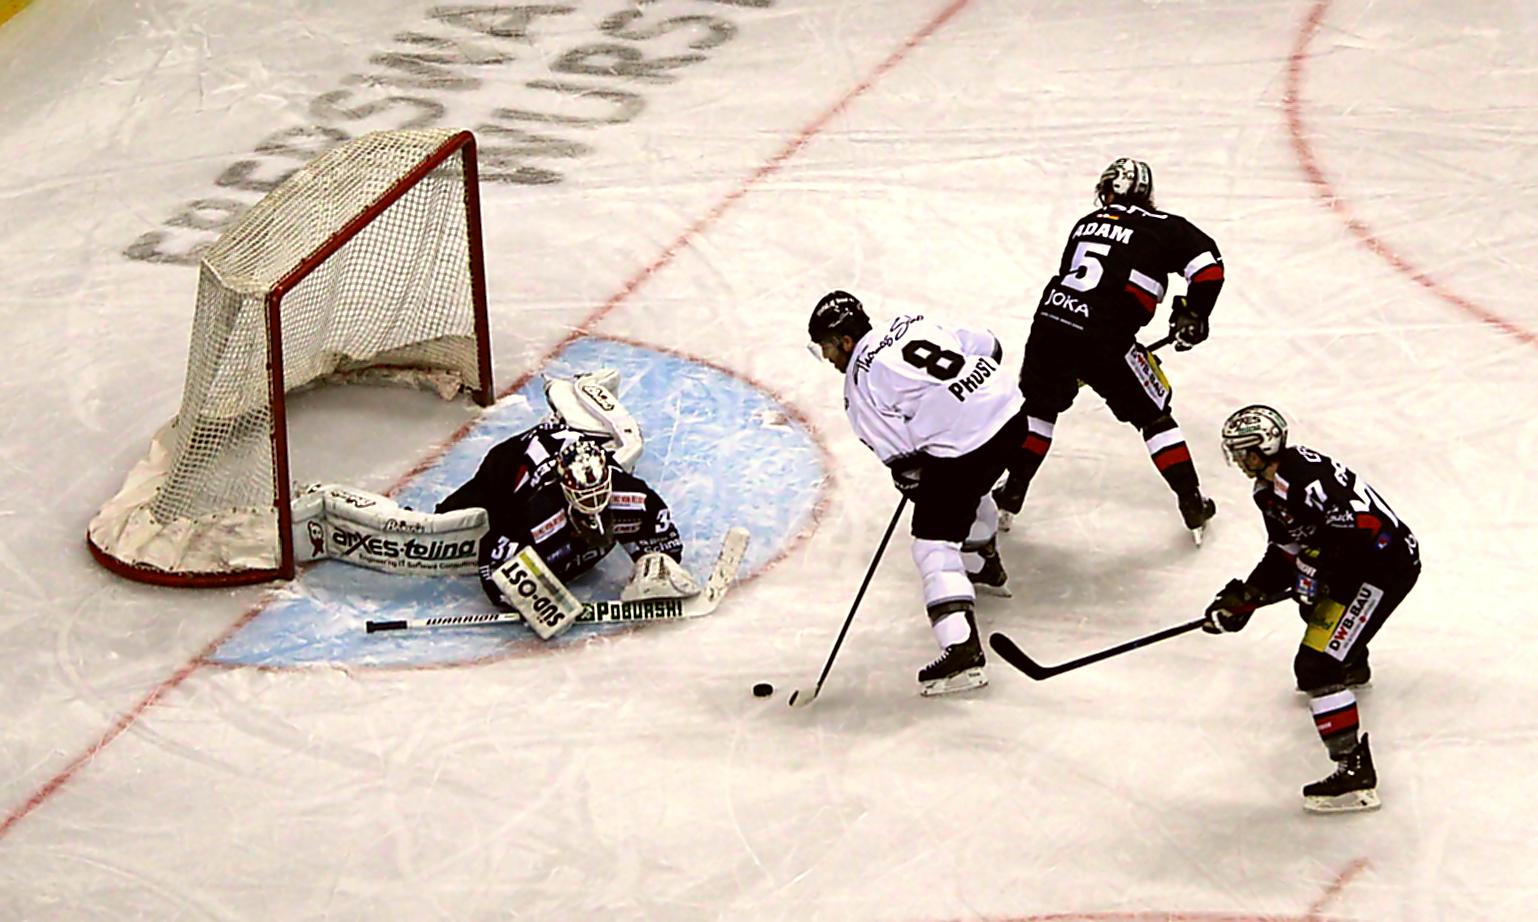 interessanter Neuzugang bei den Ice-Tigers, Nr. 8 Brandon Prust 486 NHL Spiele. Foto: Stefan Wenske